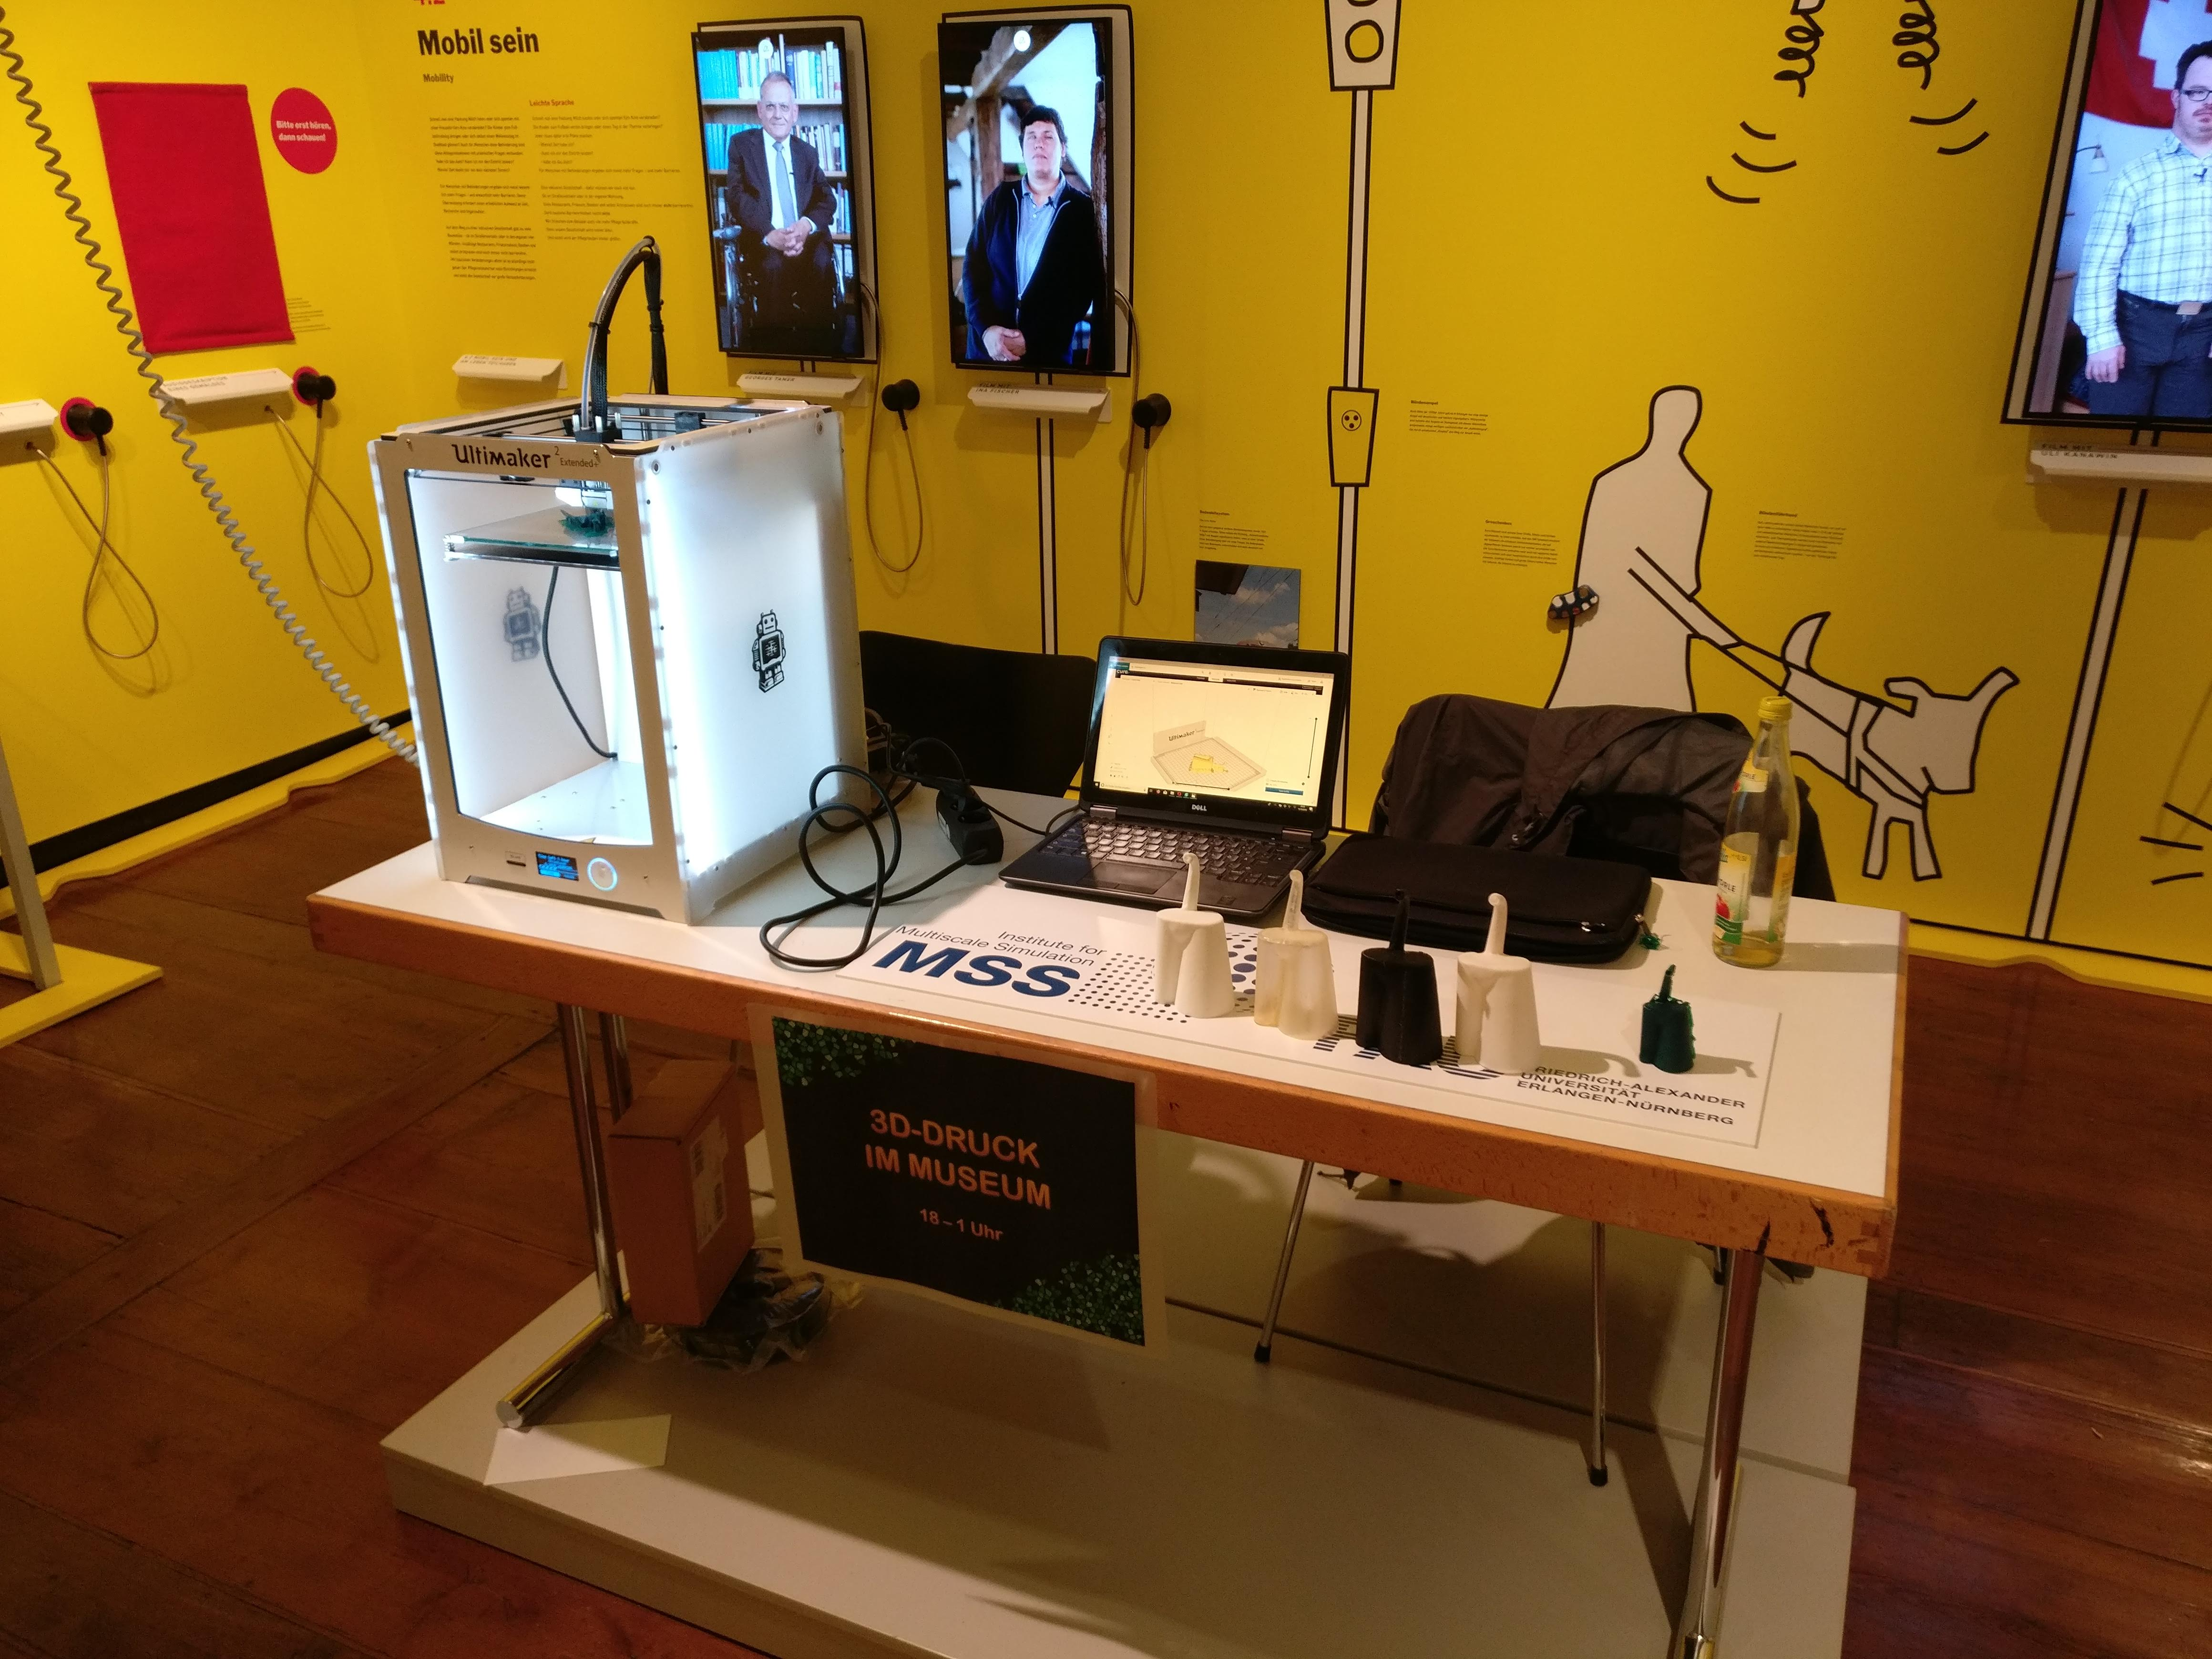 Unser Stand in der Langen Nacht der Wissenschaften 2019. 3D-Drucker und Testmodelle liegen auf dem Tisch.